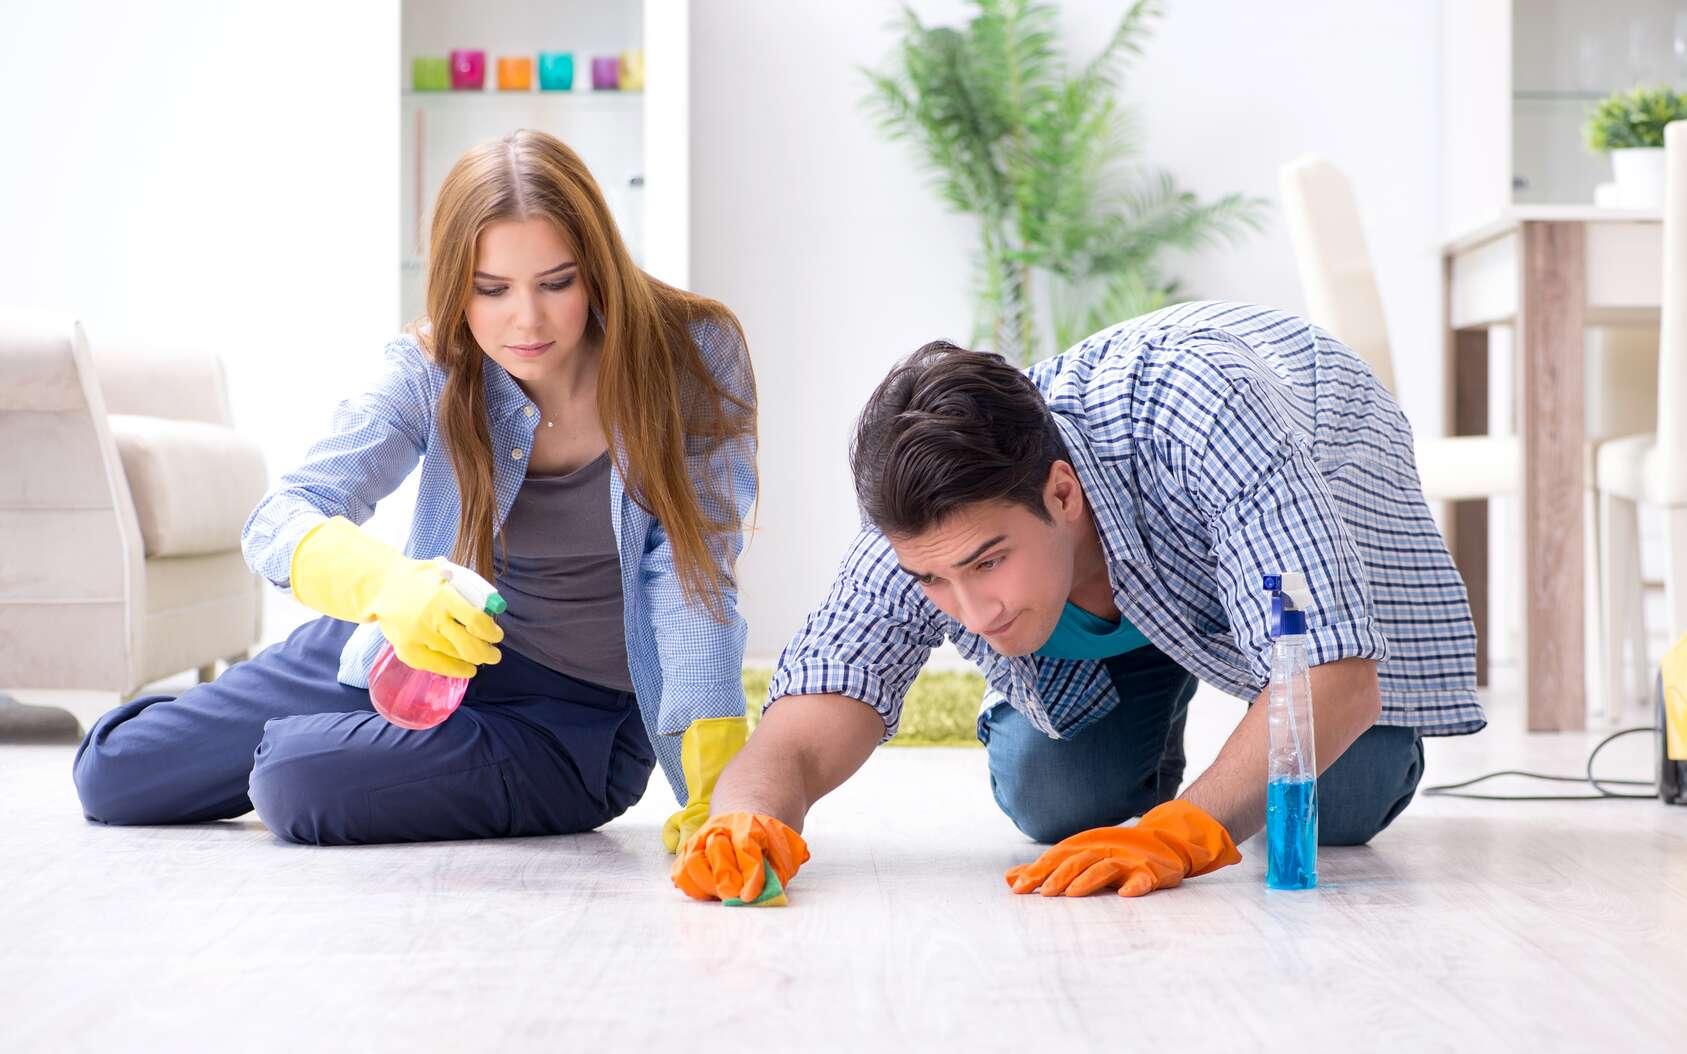 Pour éviter les allergies un grand ménage est recommandé deux fois par an. © Elnur, Fotolia